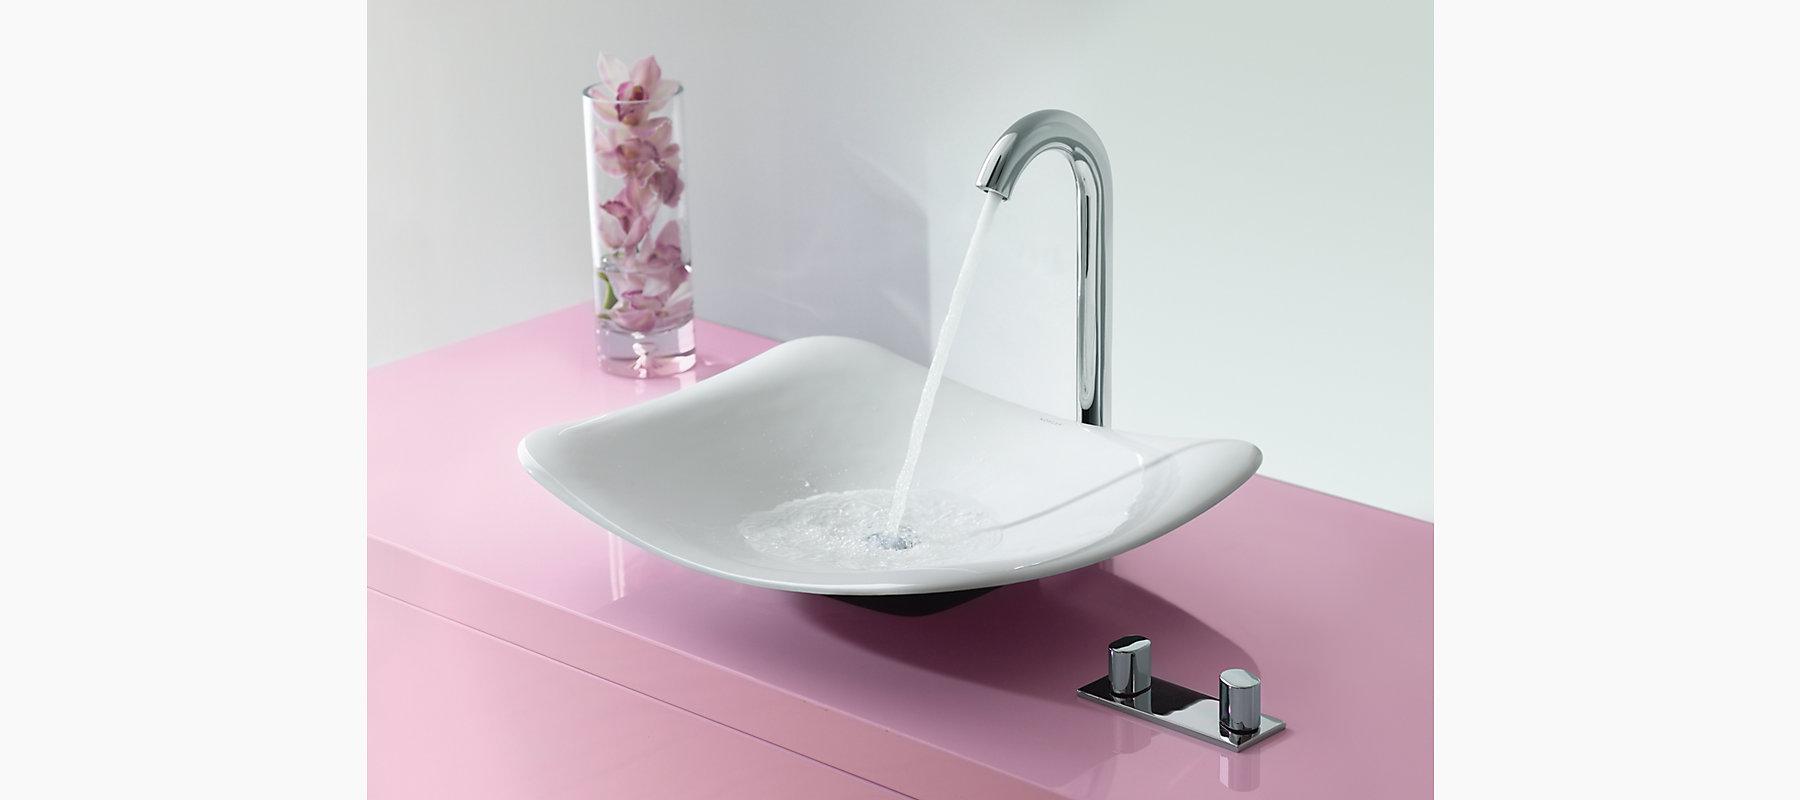 Oblo Tall Widespread Bathroom Sink Faucet | K-10094-9 | KOHLER